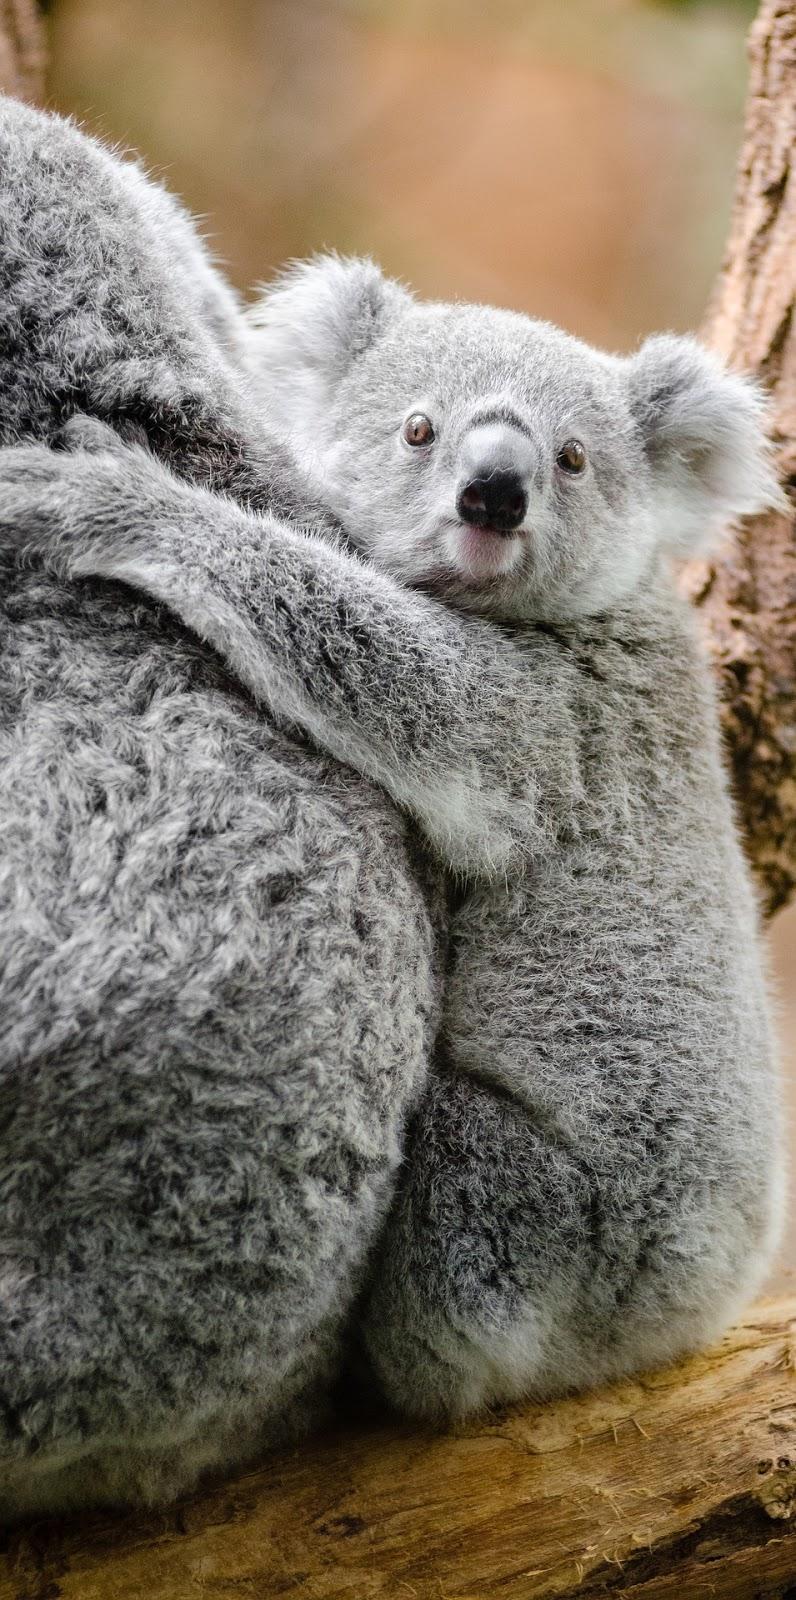 Adorable koala.